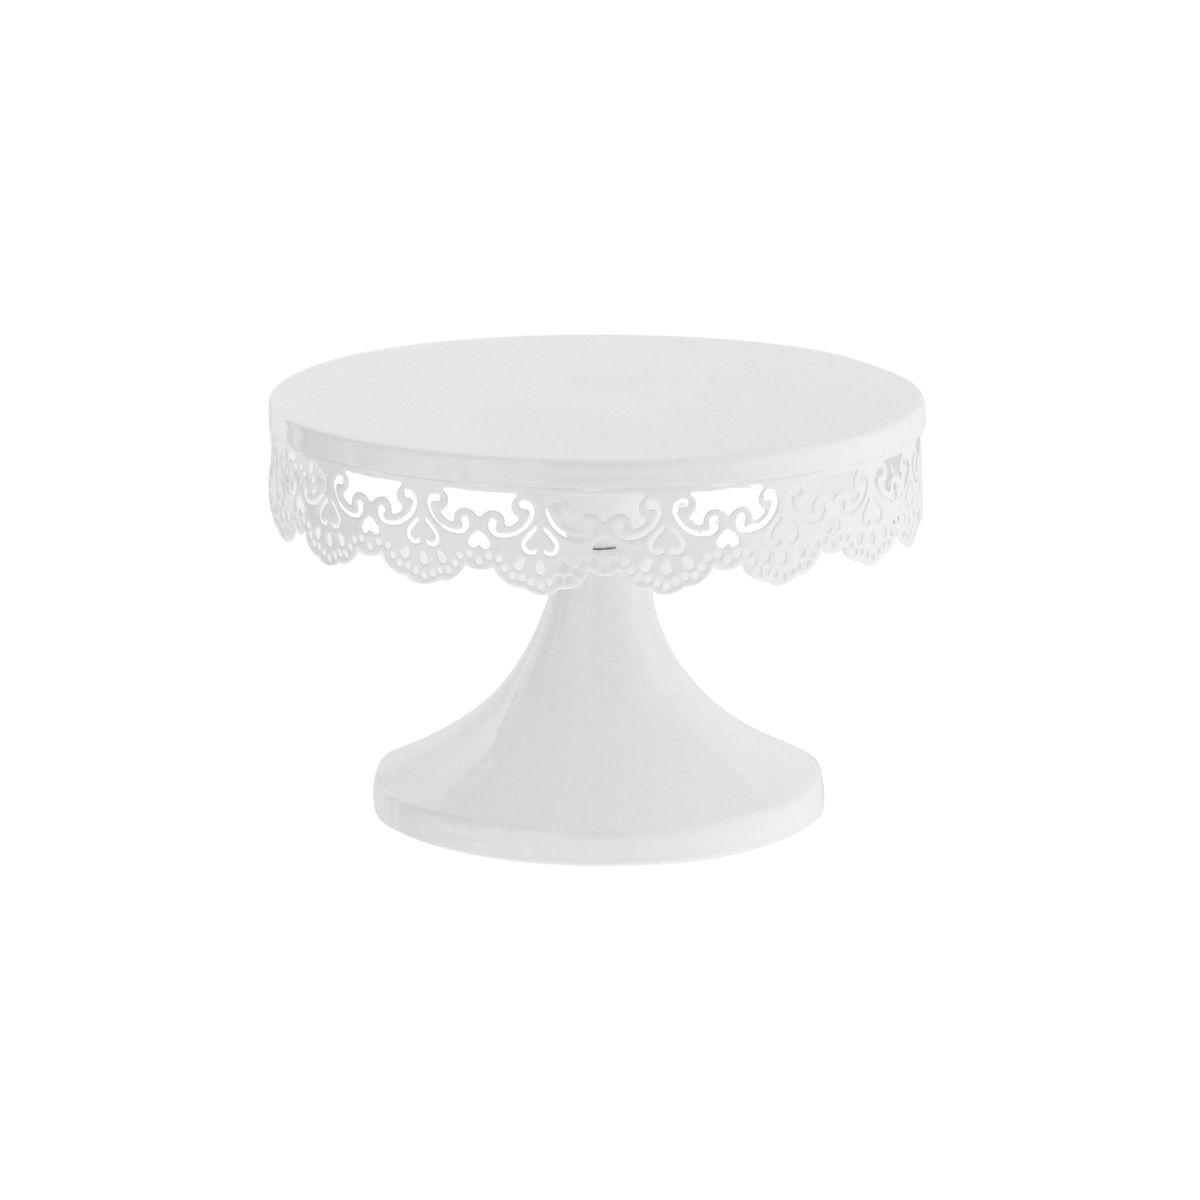 Présentoir à gâteau blanc avec broderies 18cm - Patisdecor